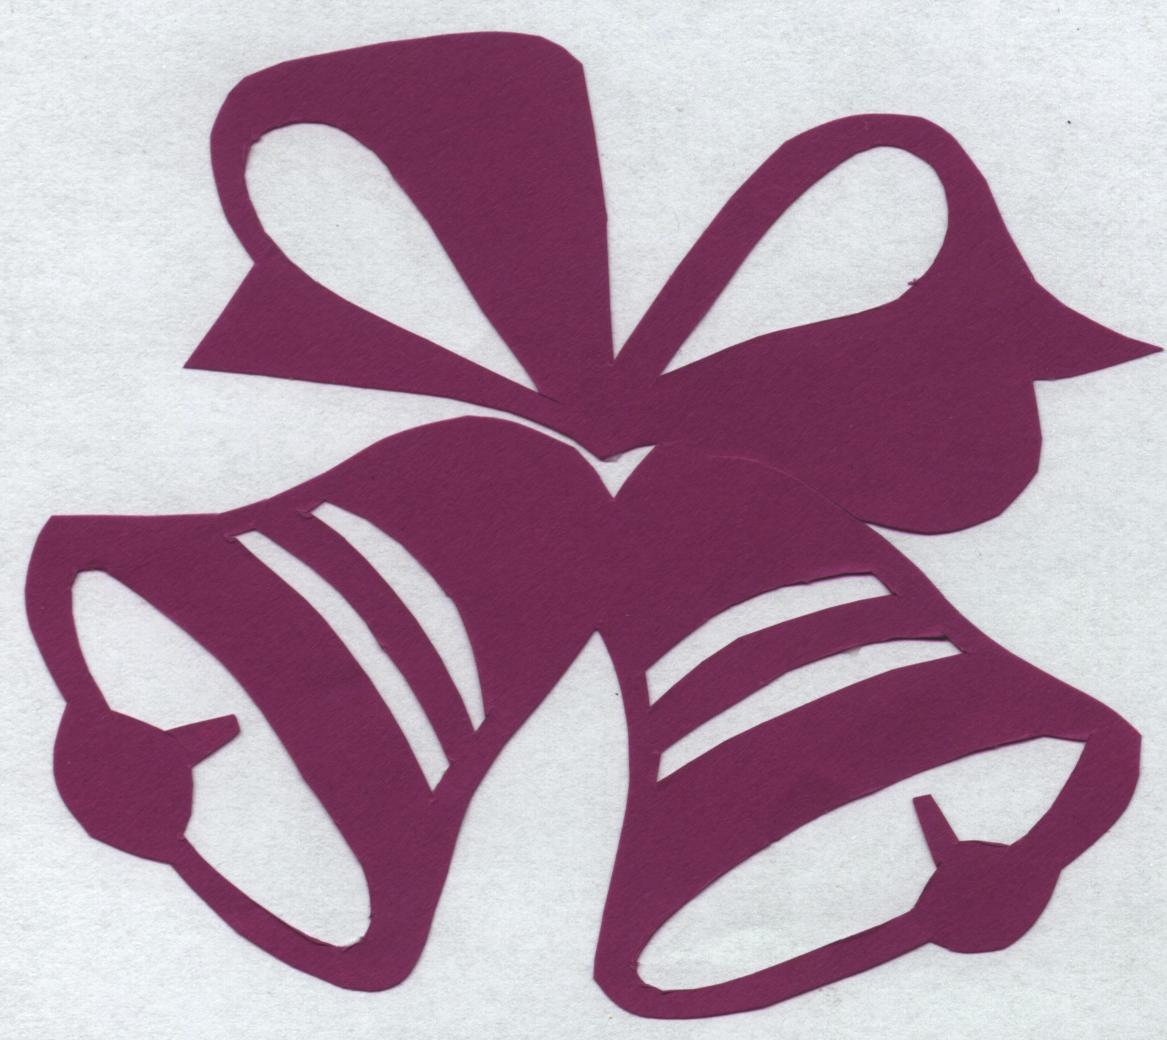 Tuc adventskalender 2002 scherenschnitte selbst gemacht - Vorlagen fensterbilder weihnachten ...